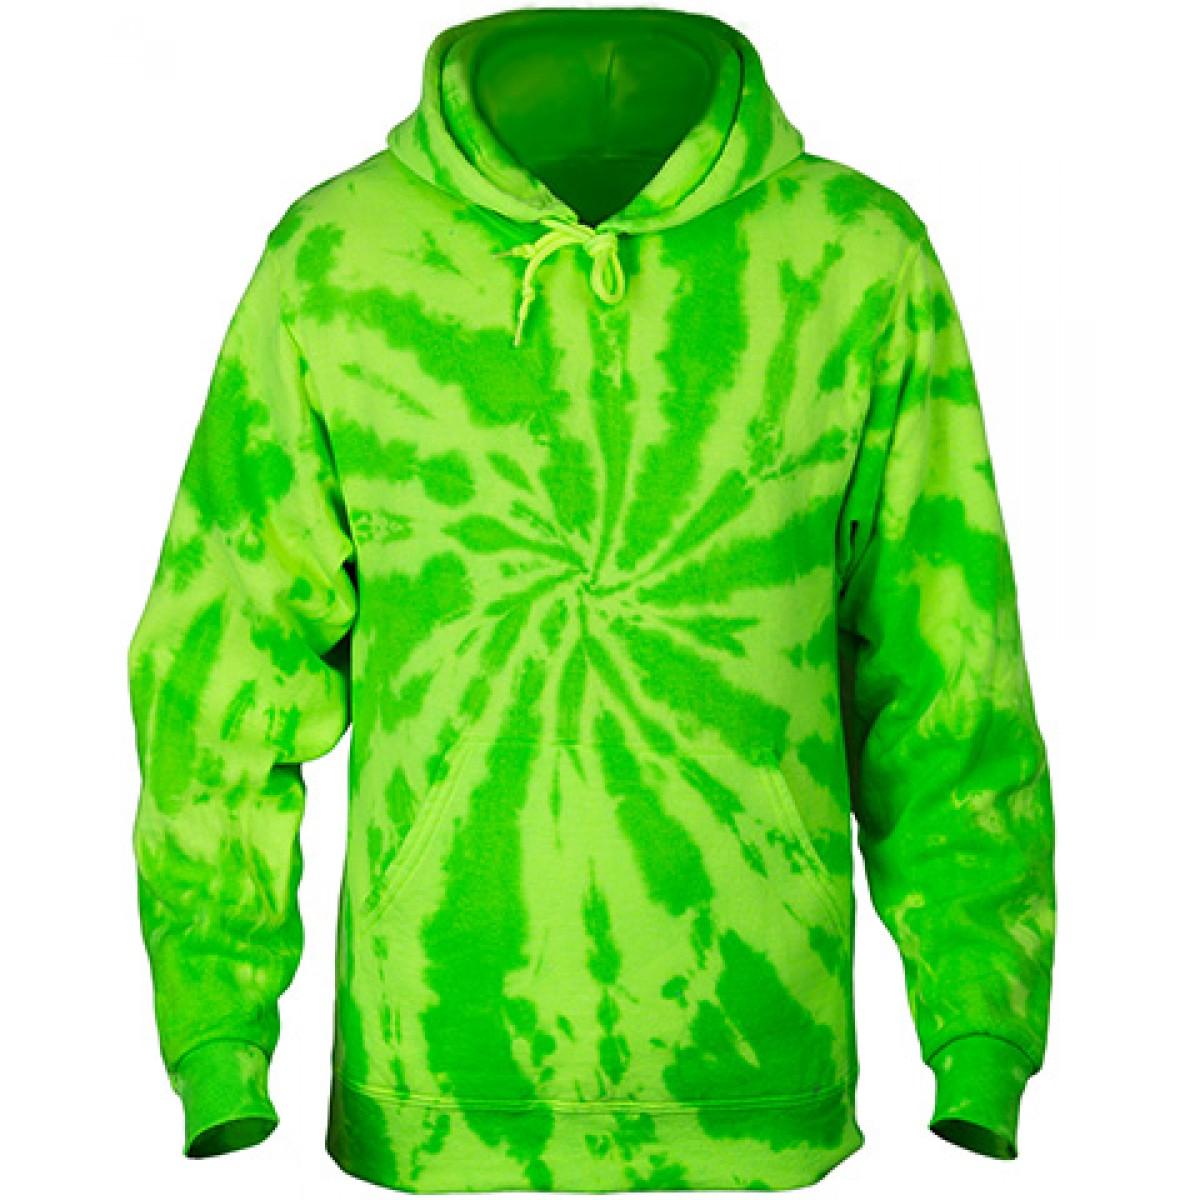 Tie-Dye Pullover Hooded Sweatshirt-Neon Green-XL